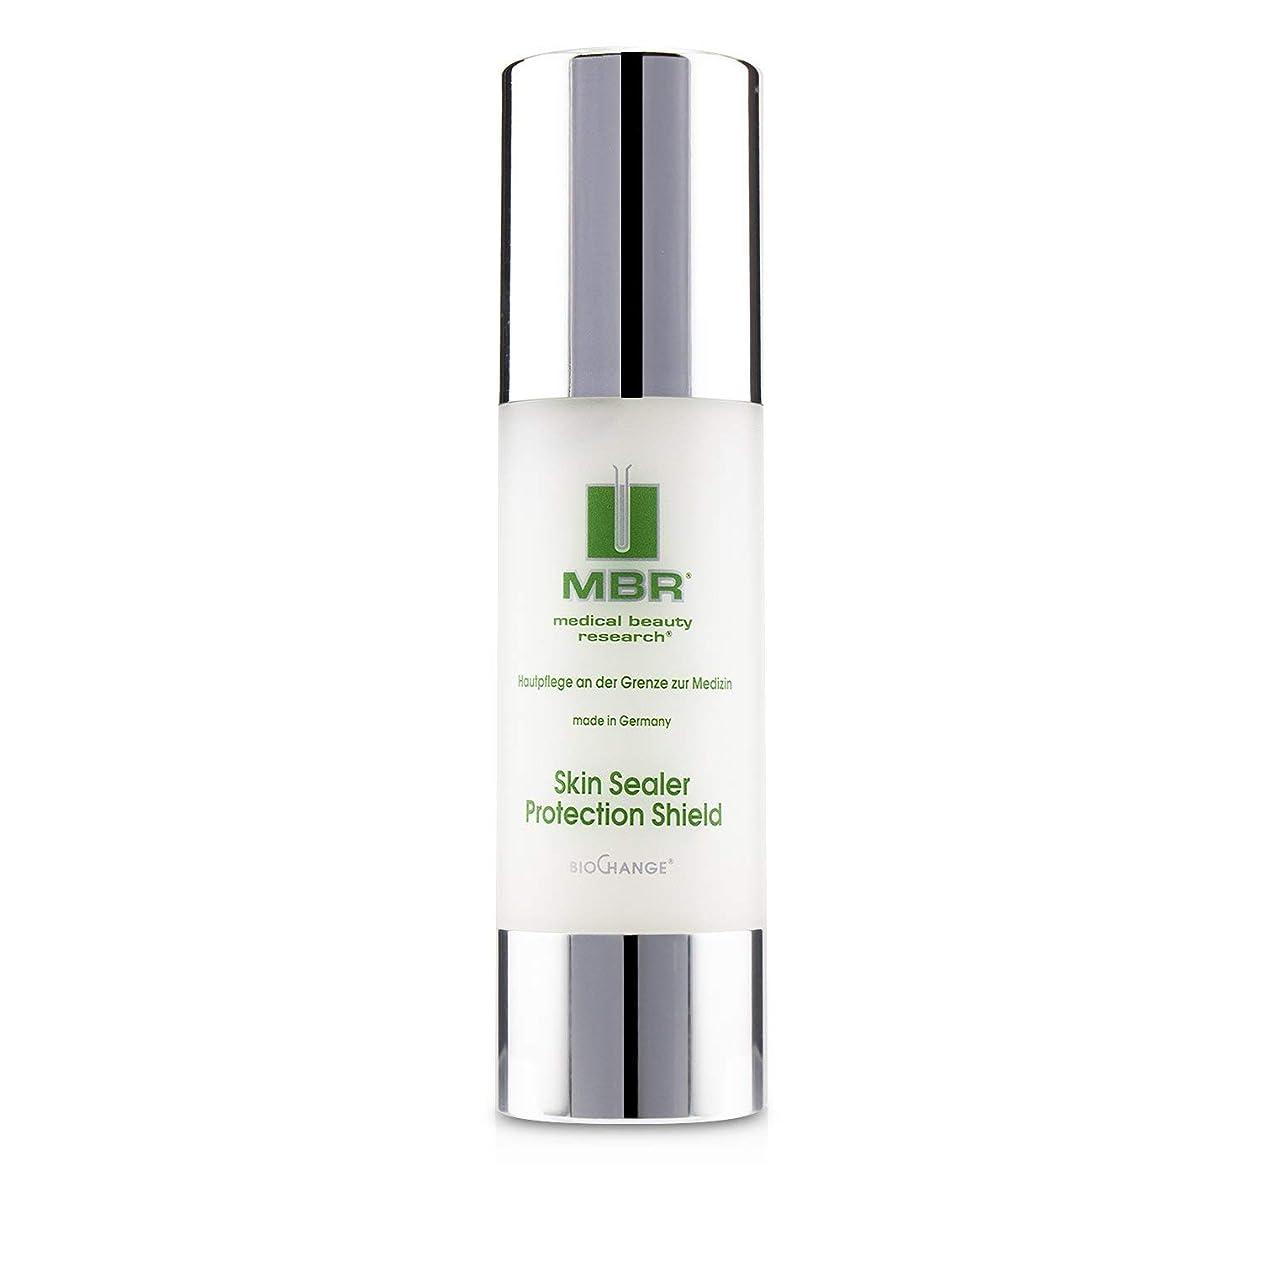 アークダイバー万歳MBR Medical Beauty Research BioChange Skin Sealer Protection Shield 50ml/1.7oz並行輸入品